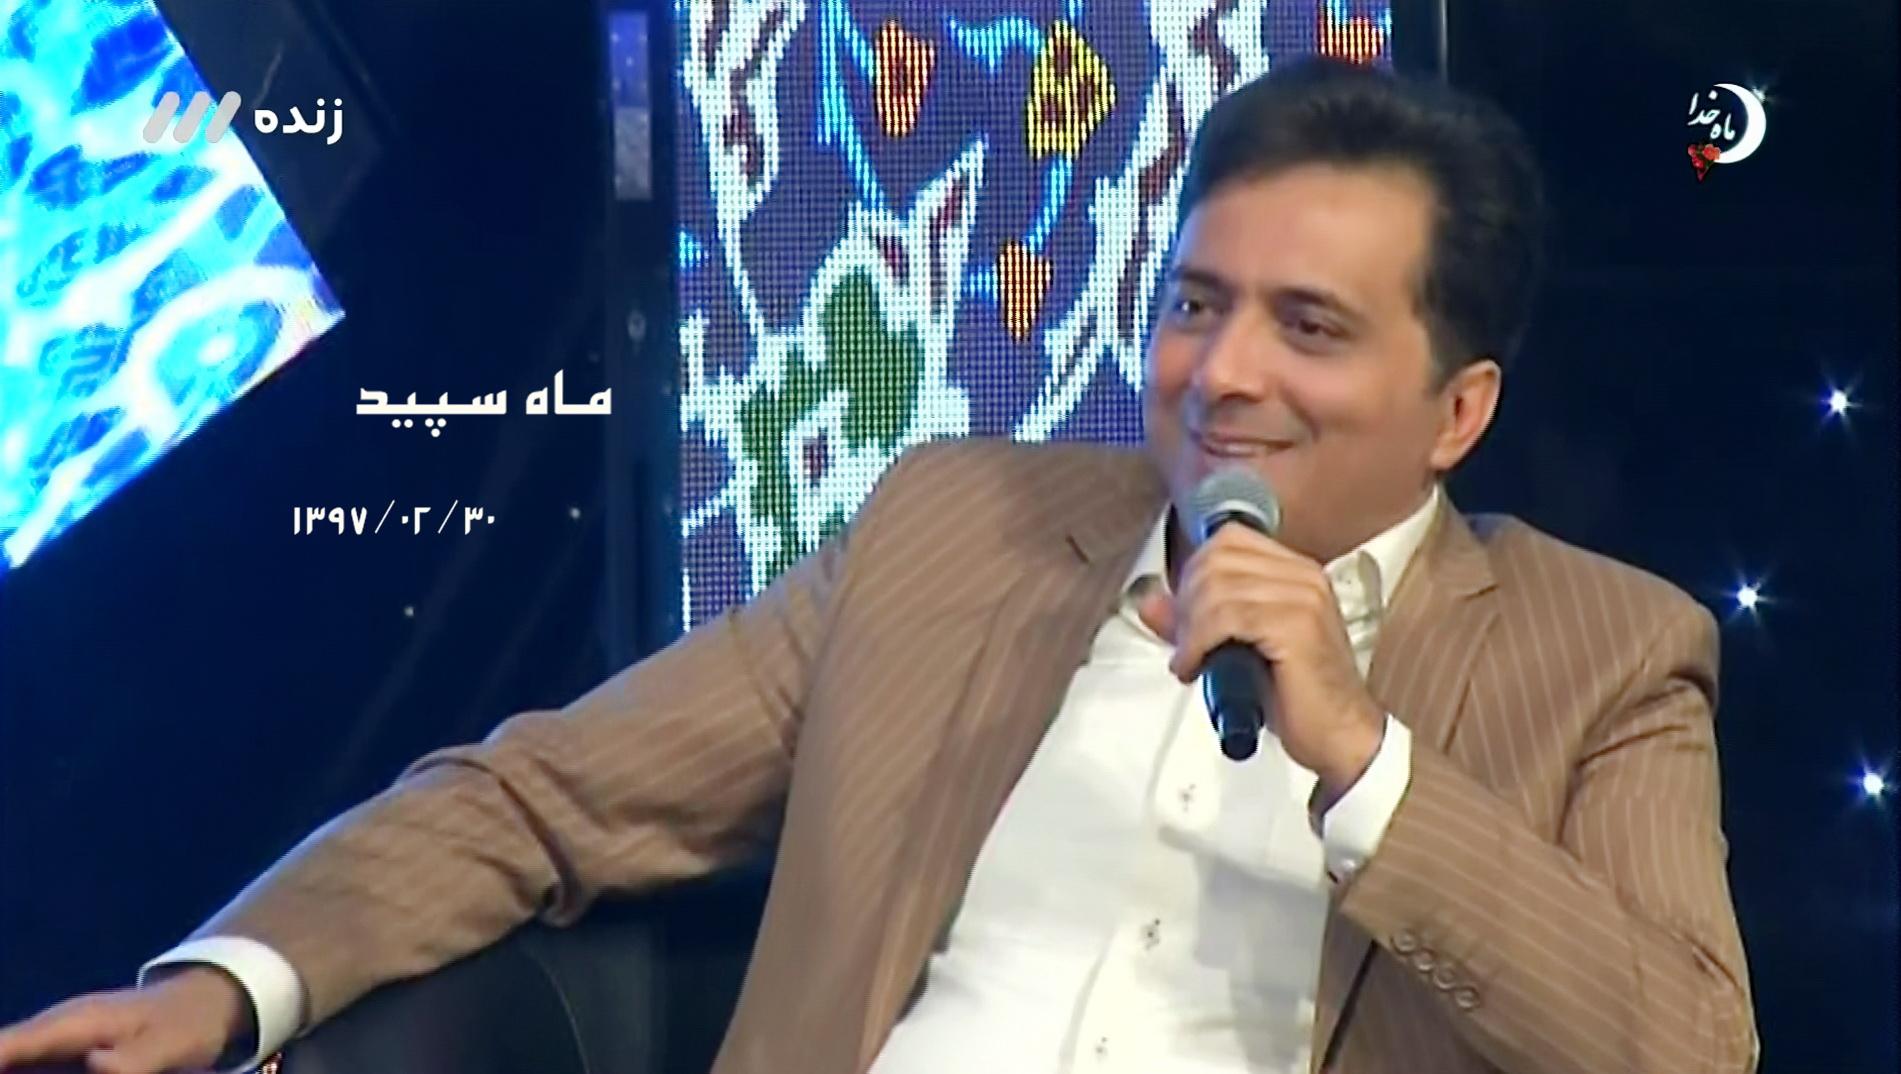 دانلود برنامه «ماه سپید» با حضور مجید اخشابی-رمضان 97